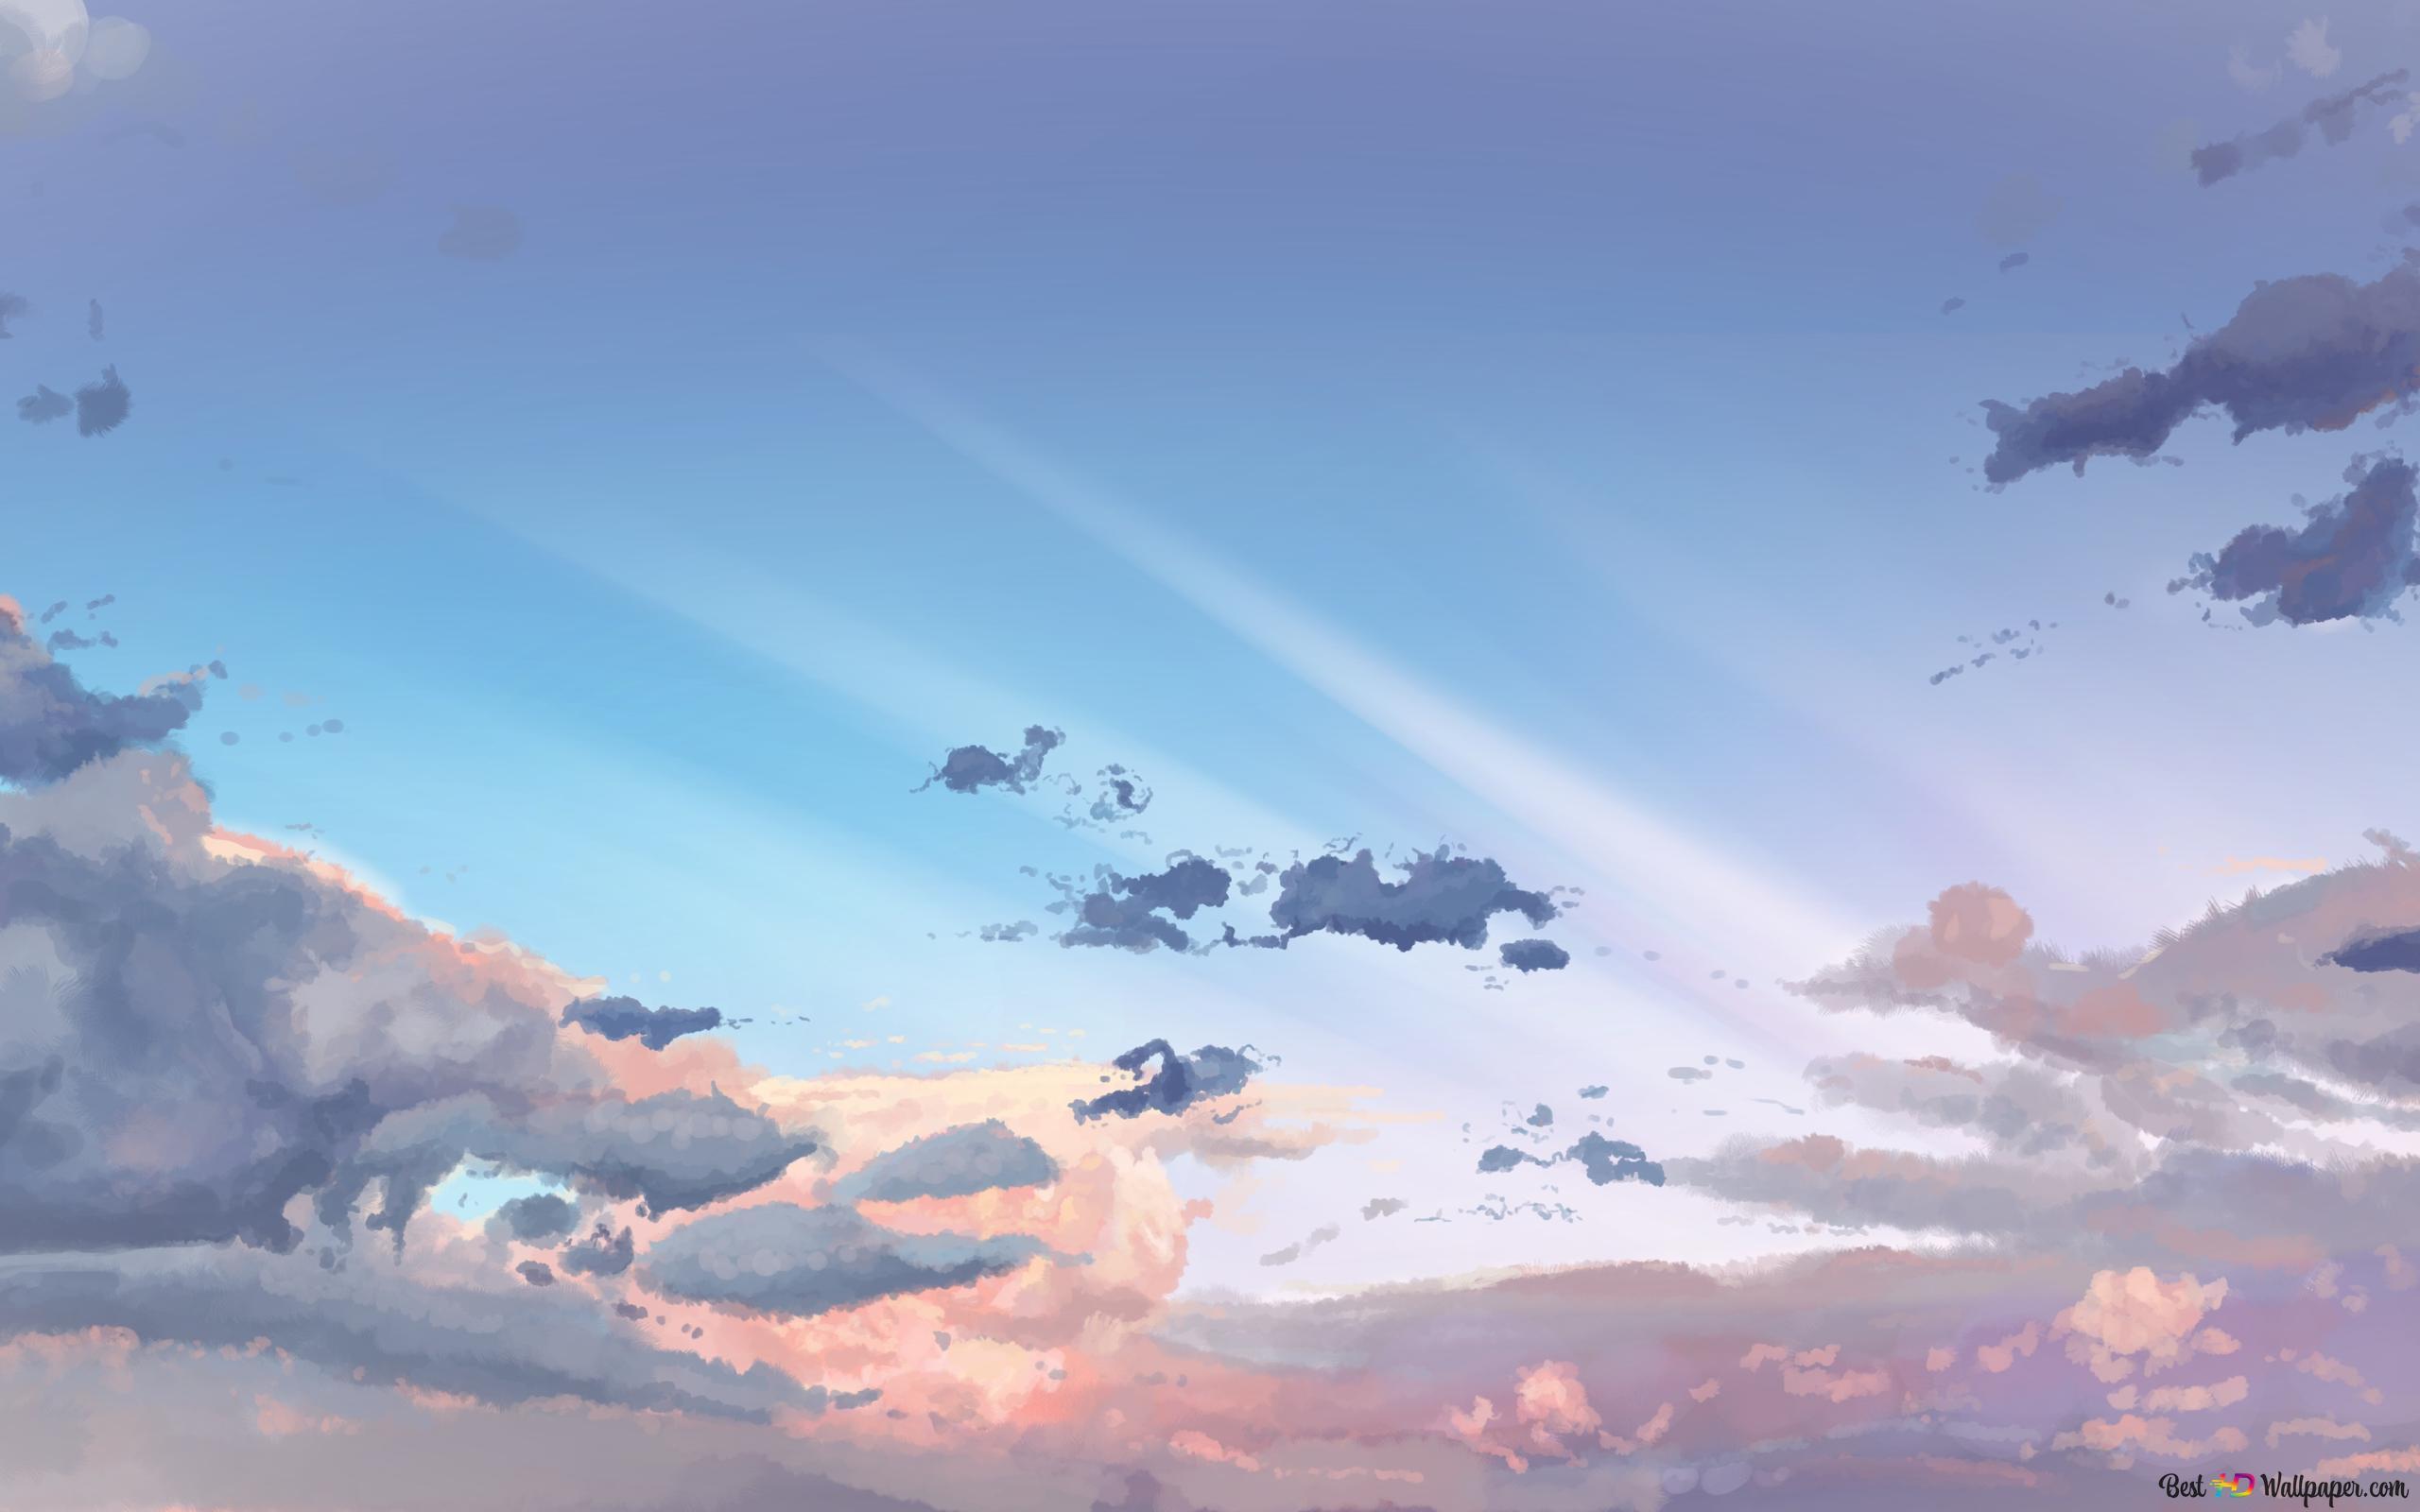 明るい雲 Hd壁紙のダウンロード